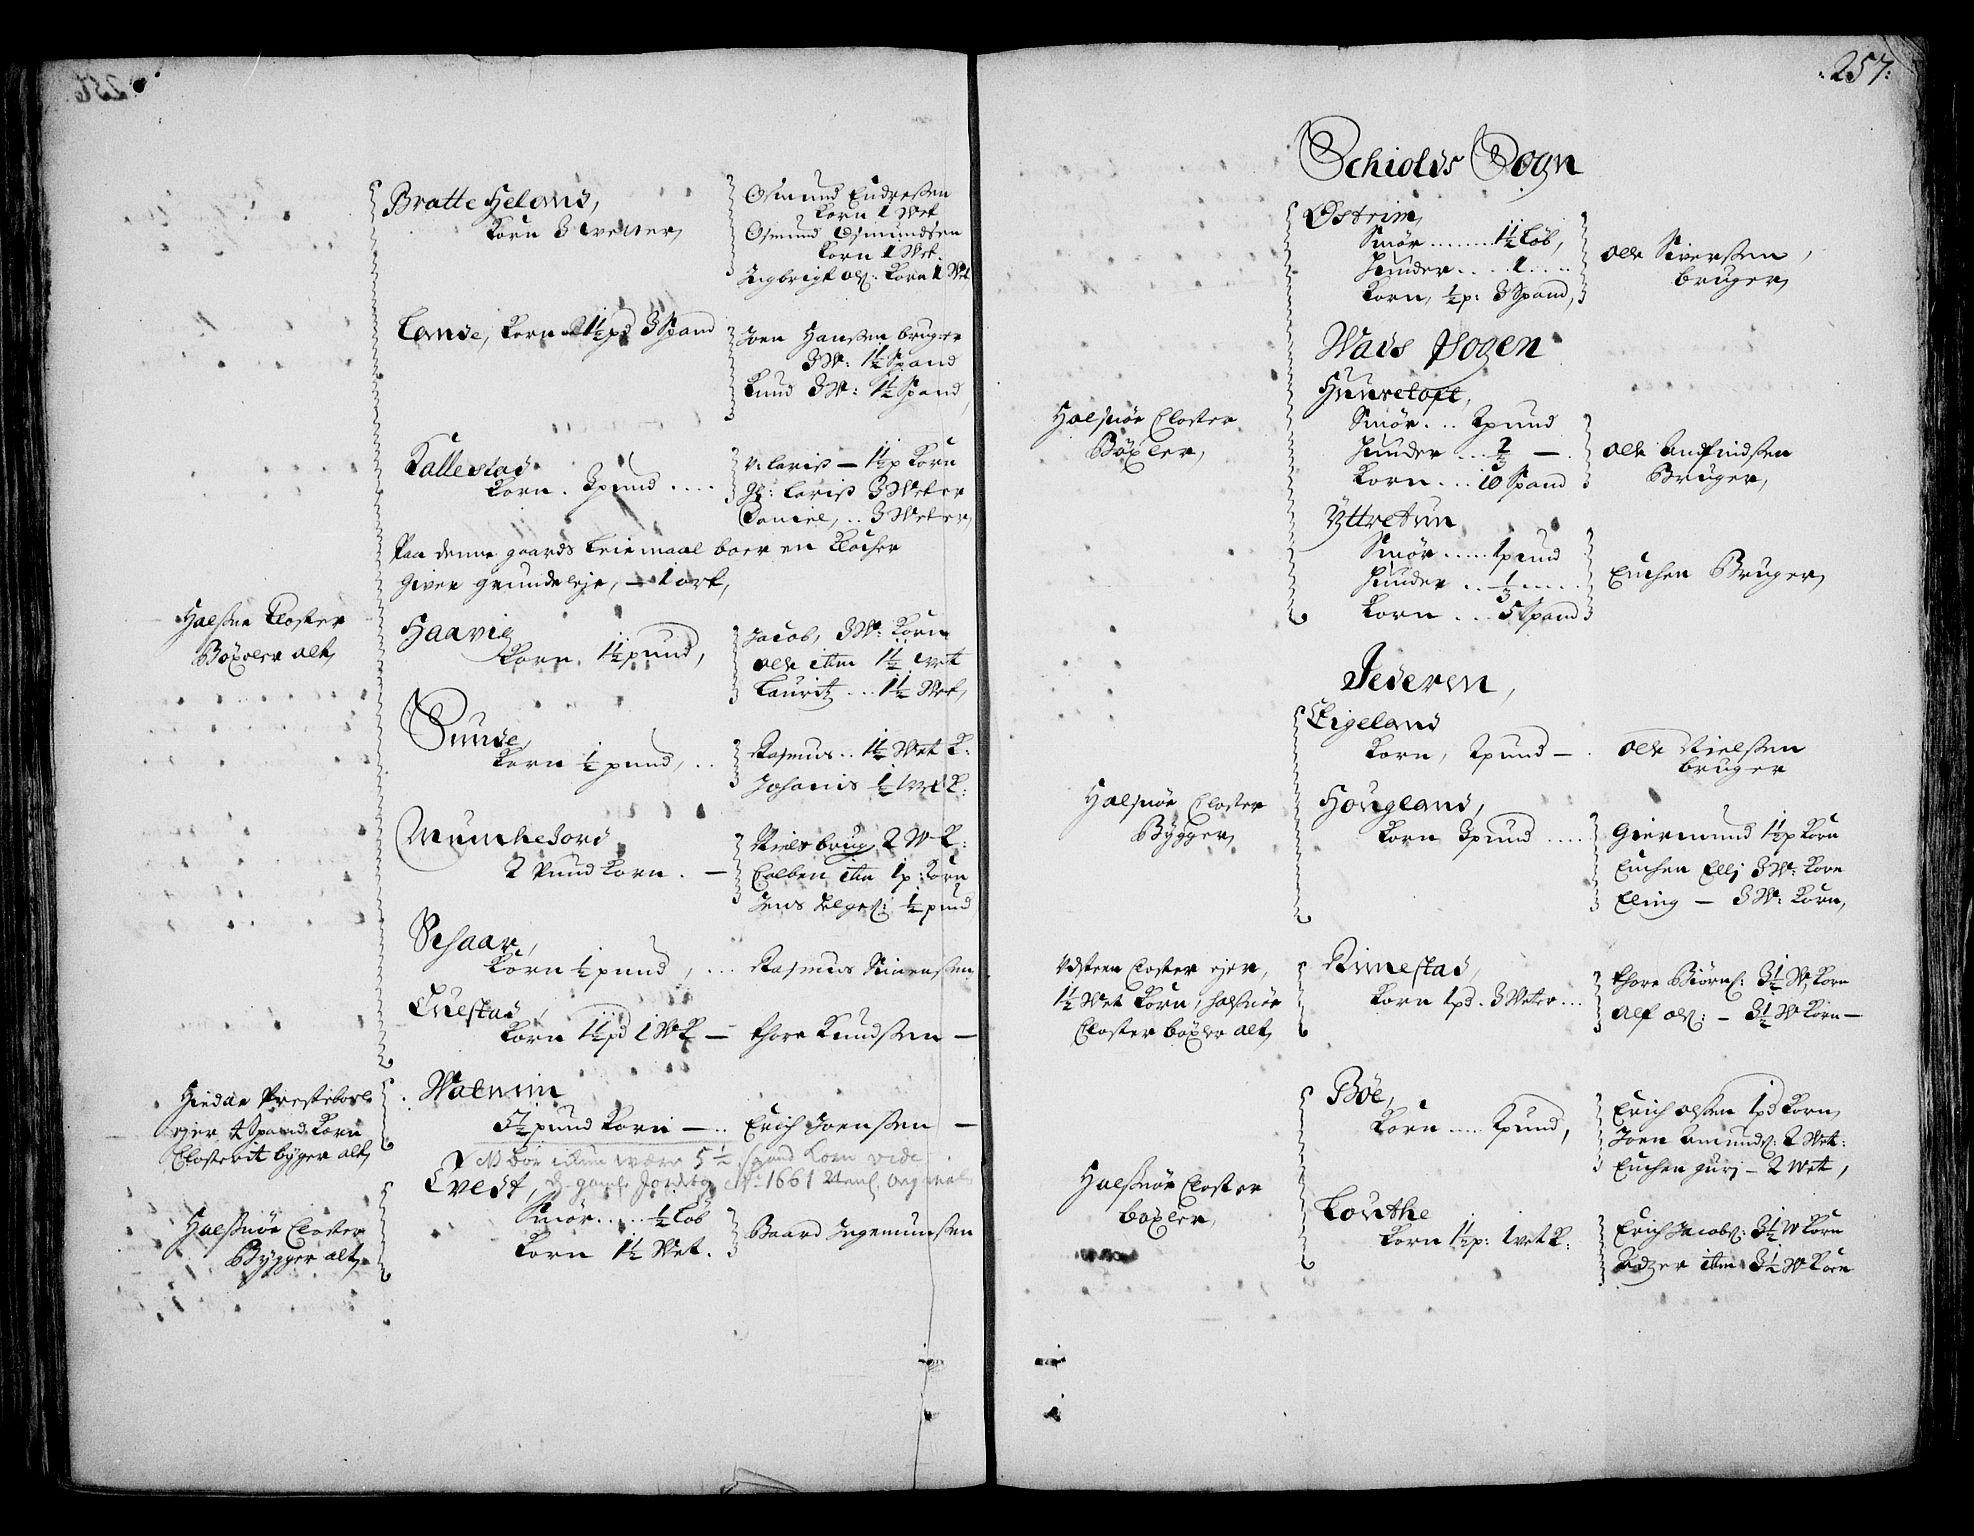 RA, Rentekammeret inntil 1814, Realistisk ordnet avdeling, On/L0002: [Jj 3]: Besiktigelsesforretninger over Halsnøy klosters gods, 1659-1703, s. 256b-257a